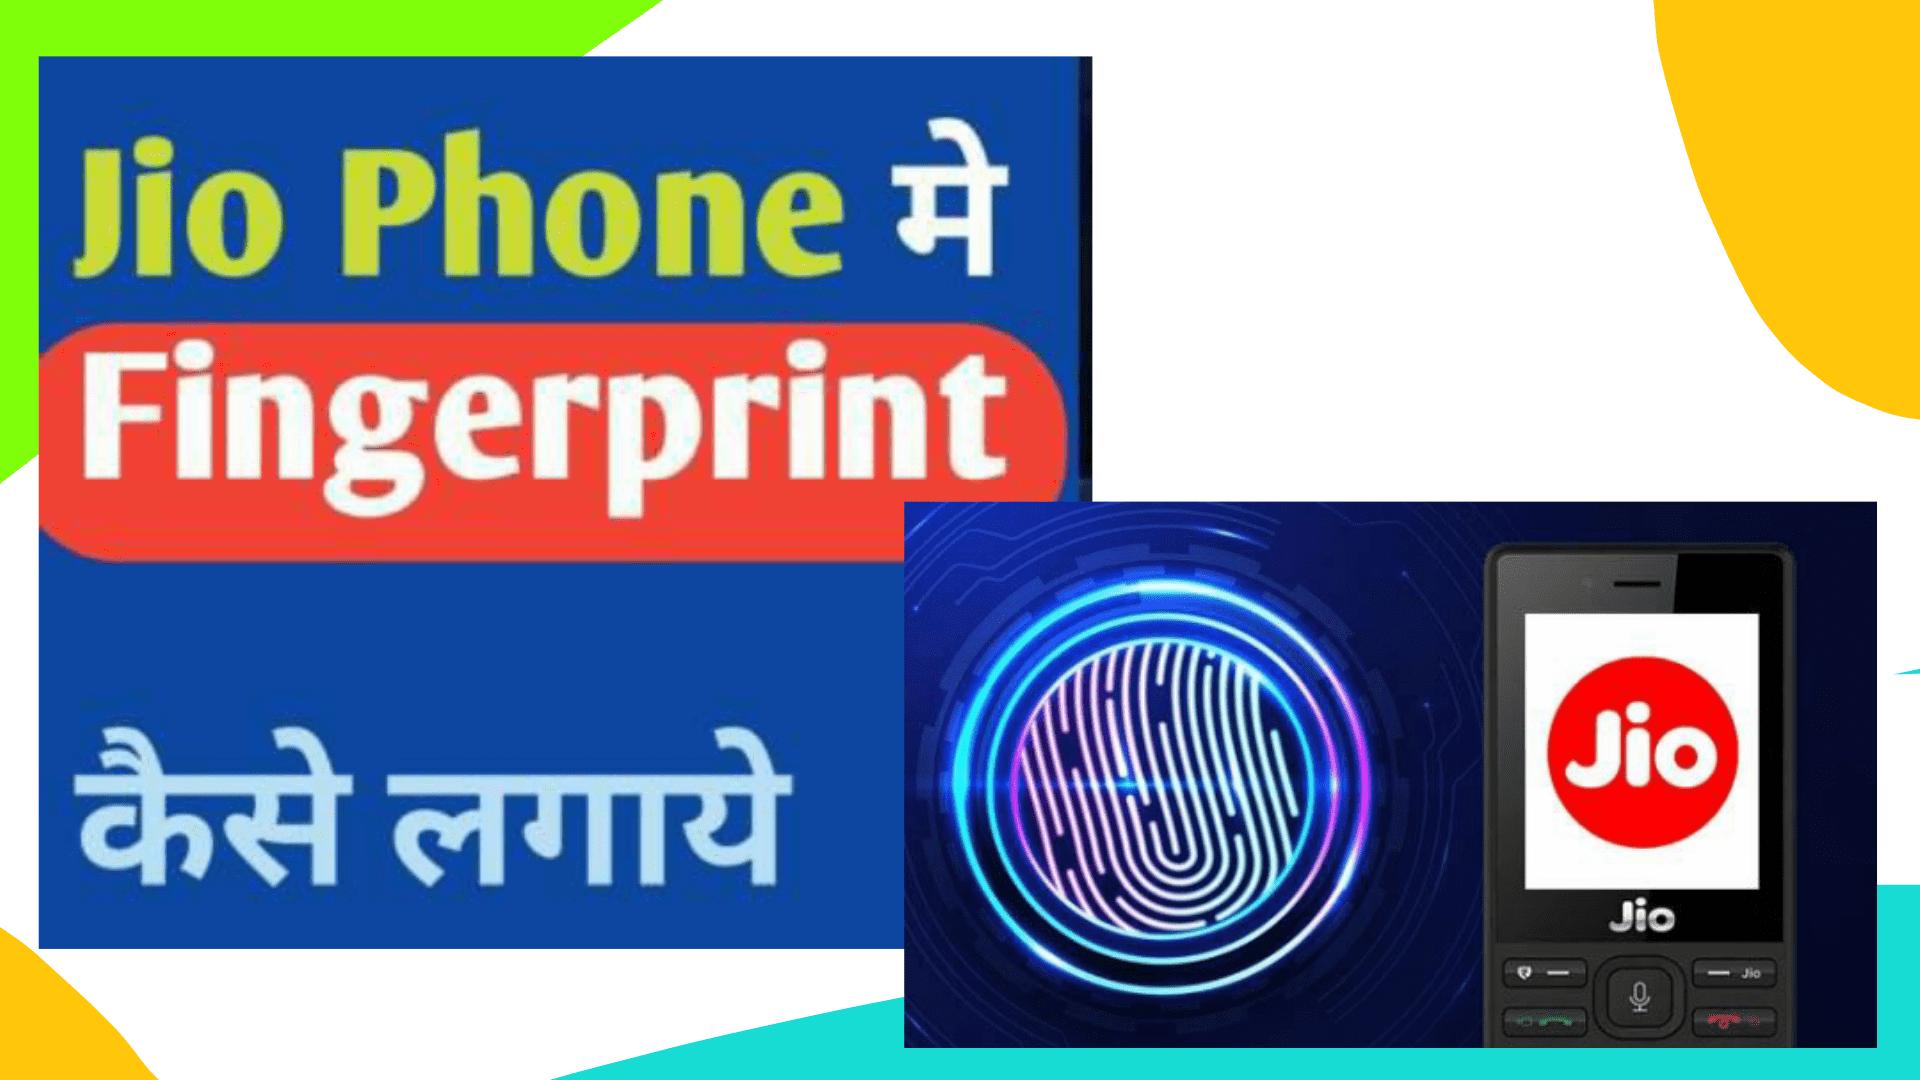 Jio Phone Fingerprint Lock App Download Apk | Jio Fingerprint Lock App apk [100% Working]